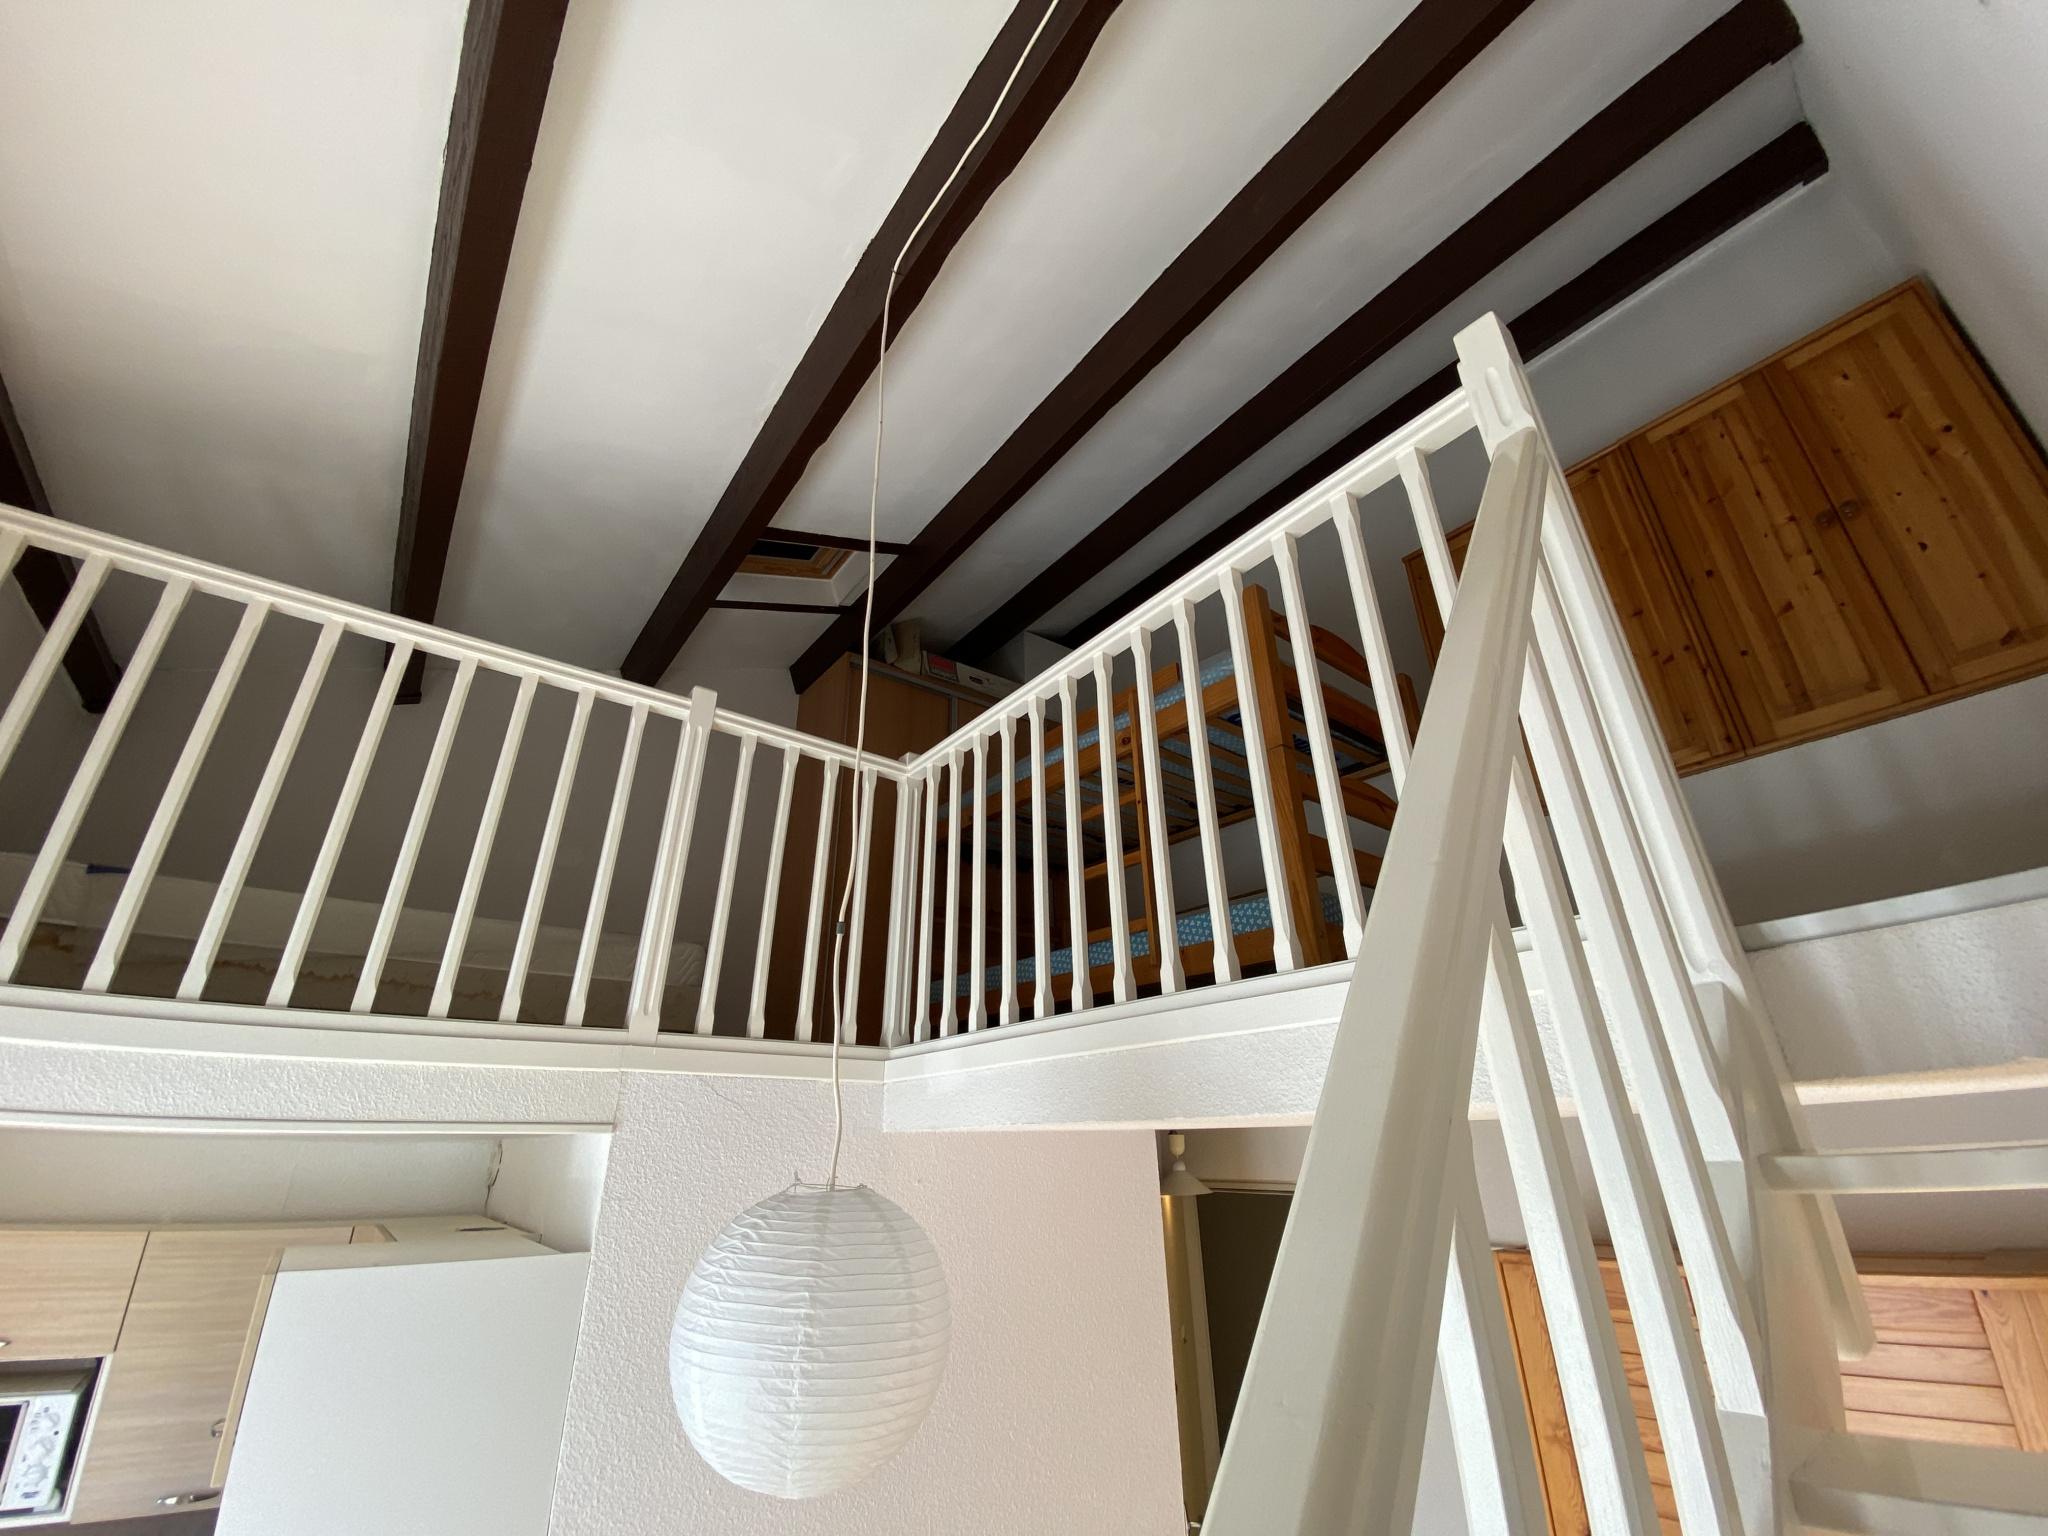 À vendre appartement de 30m2 à argeles sur mer (66700) - Photo 6'